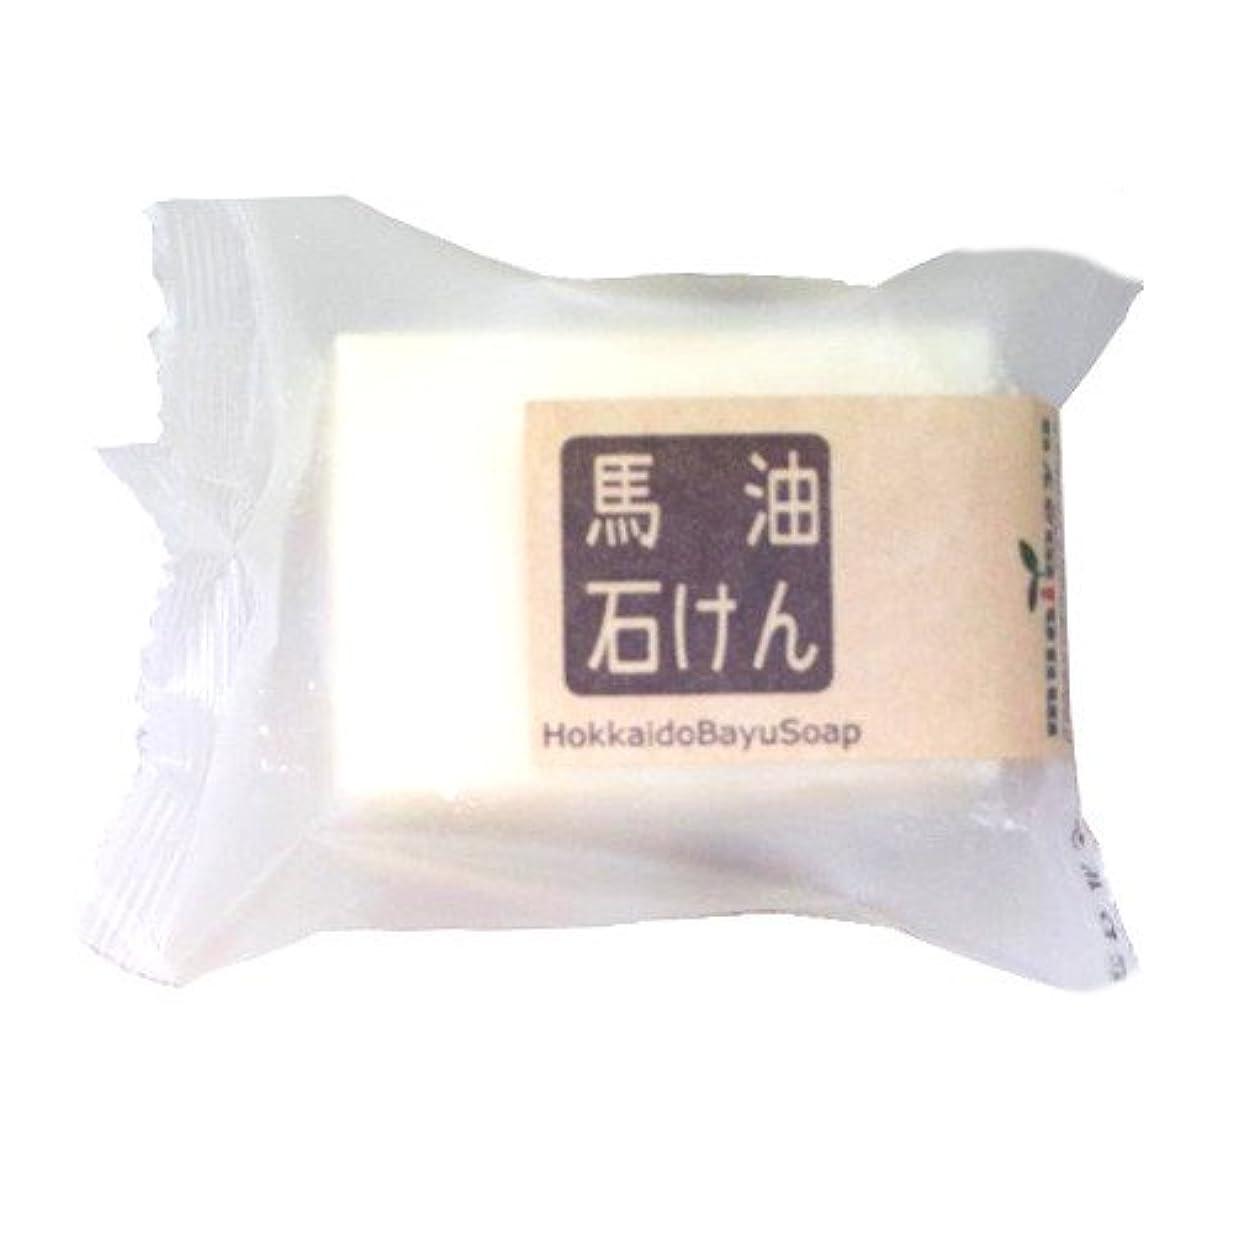 暗くする算術見捨てられた北海道馬油工房 北海道クリーミー馬油石鹸